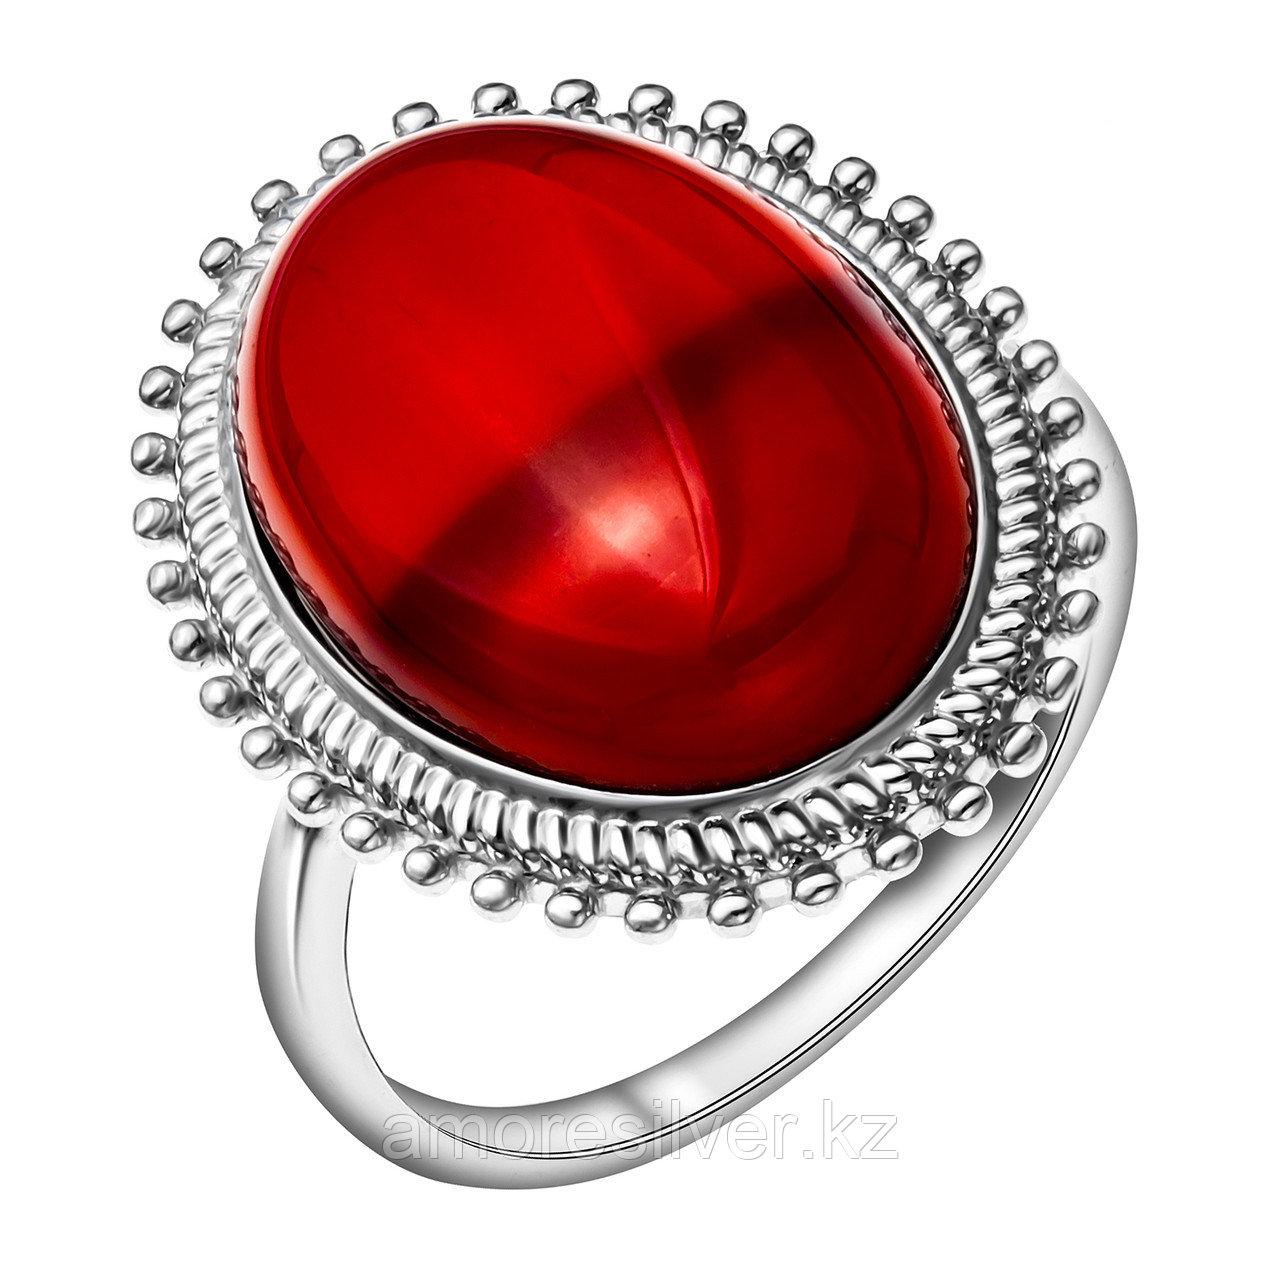 Кольцо из серебра с сердоликом  Приволжский Ювелир 251274-CRN